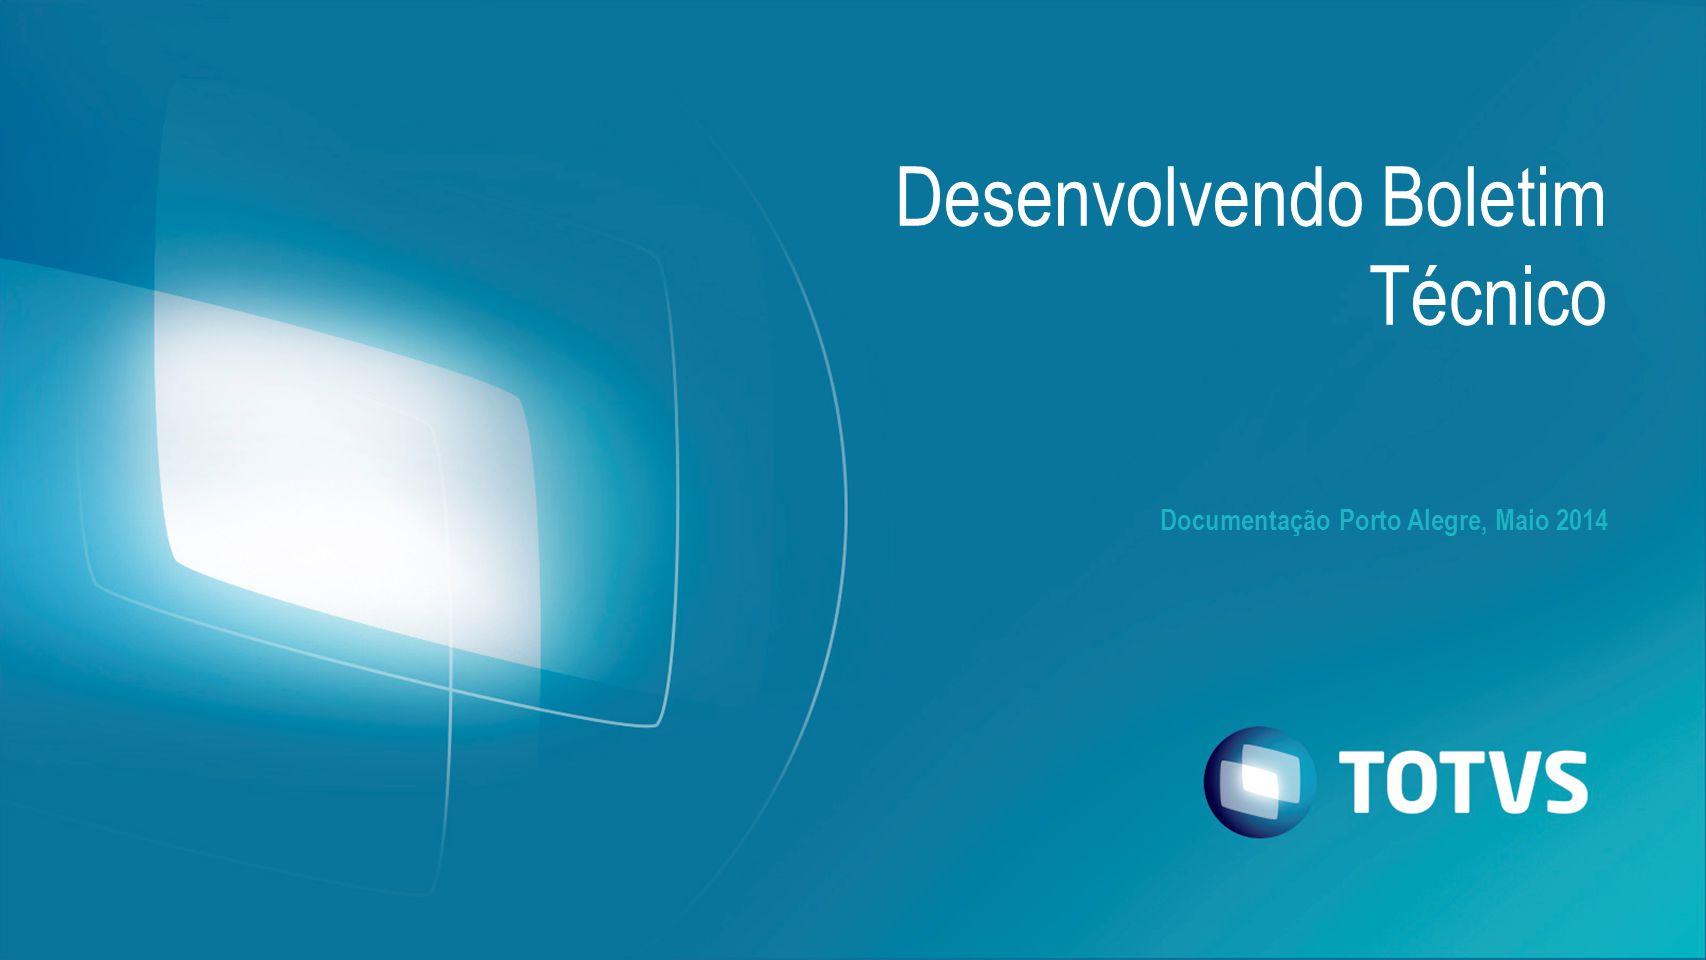 Desenvolvendo Boletim Técnico Documentação Porto Alegre, Maio 2014